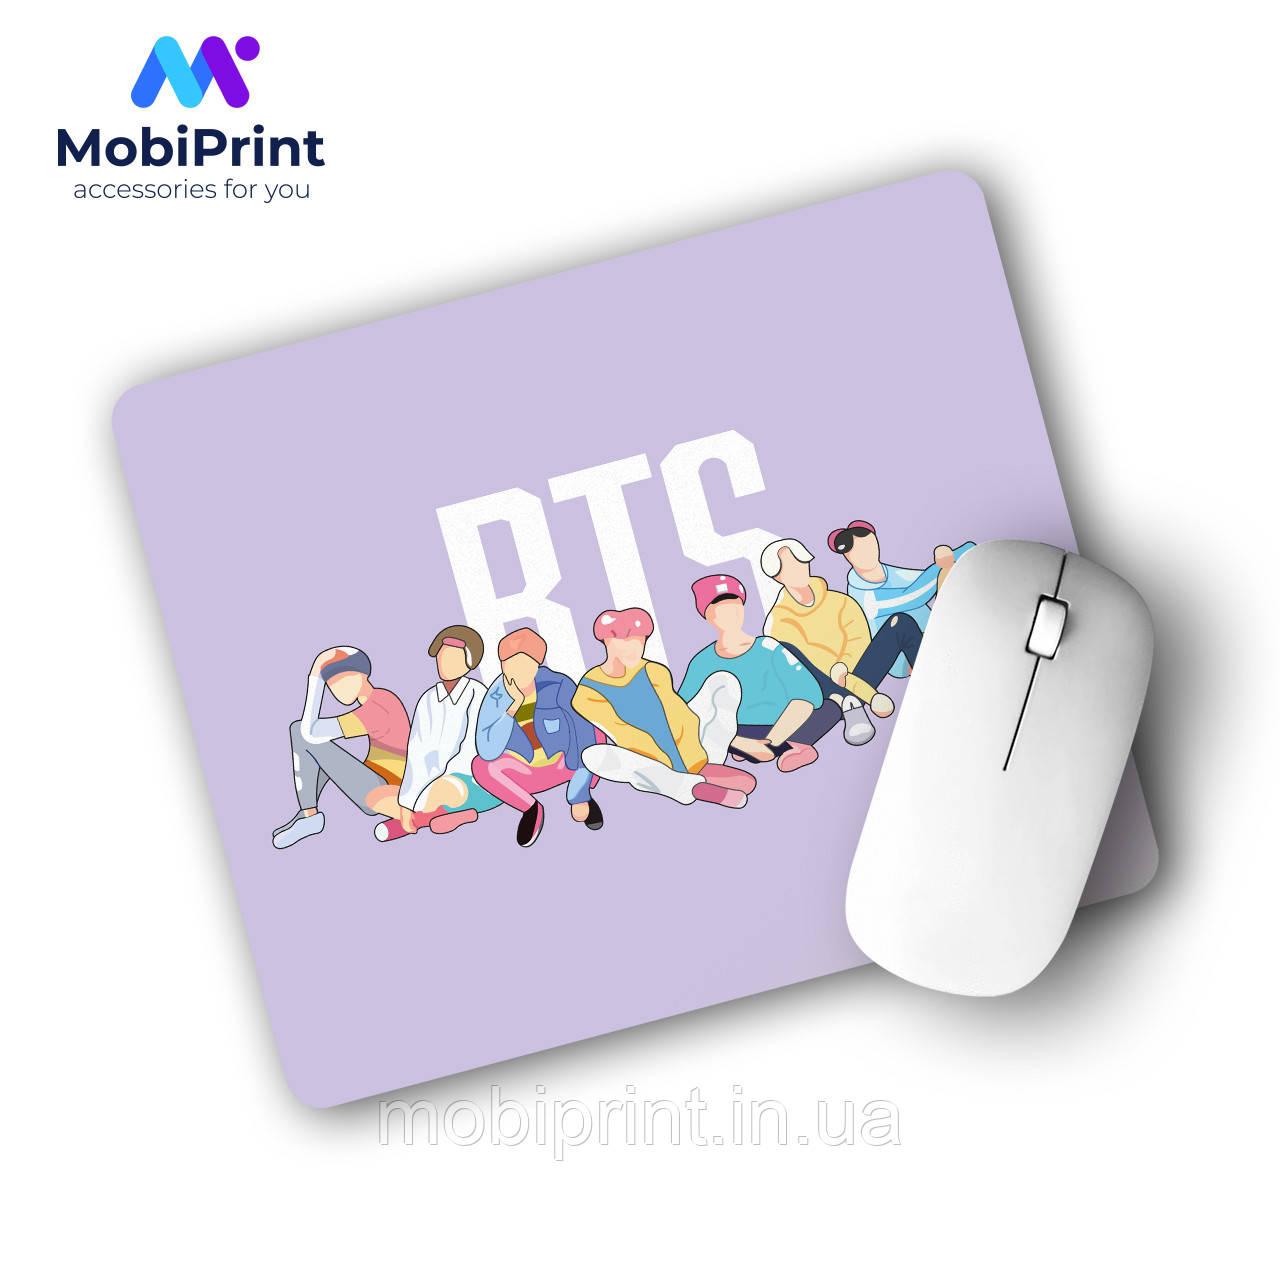 Коврик для мышки БТС (BTS) (25108-1061)